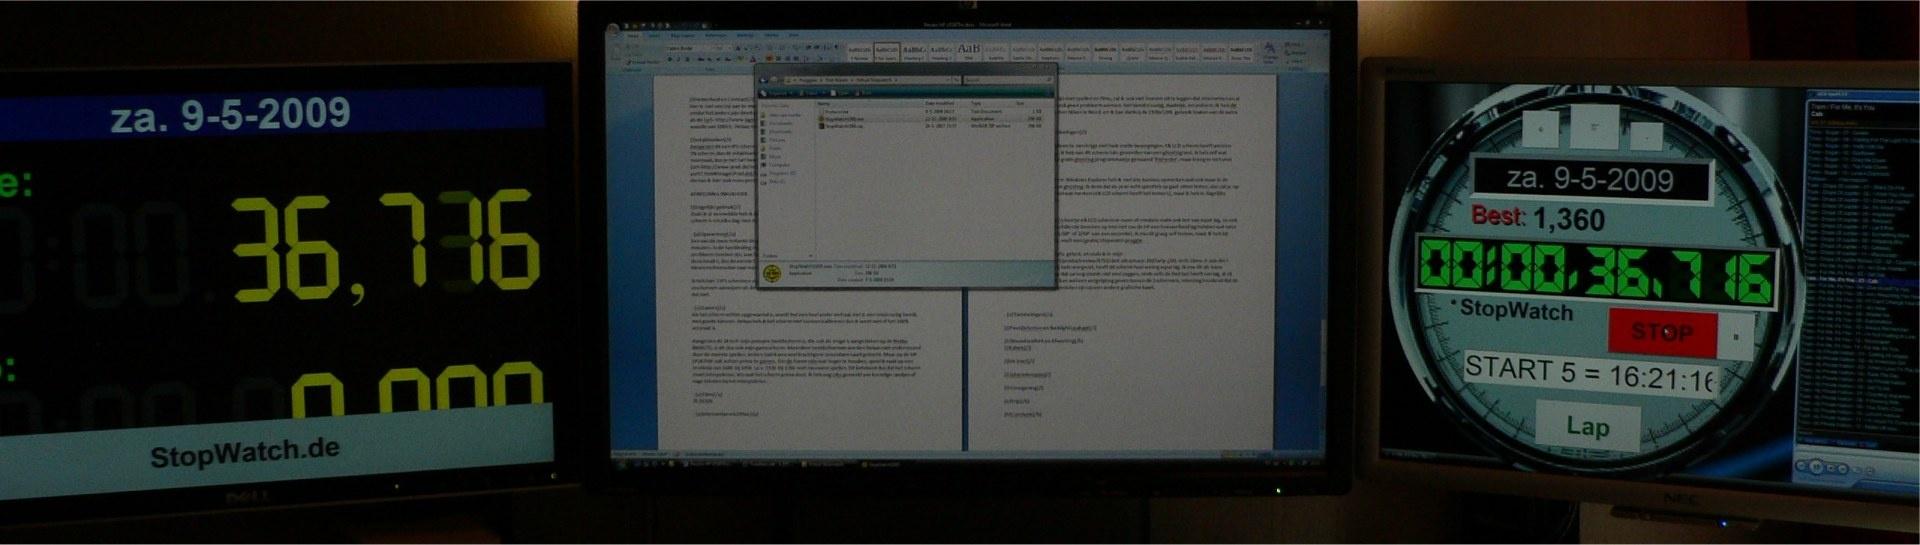 Lag test foto: Dell vs NEC